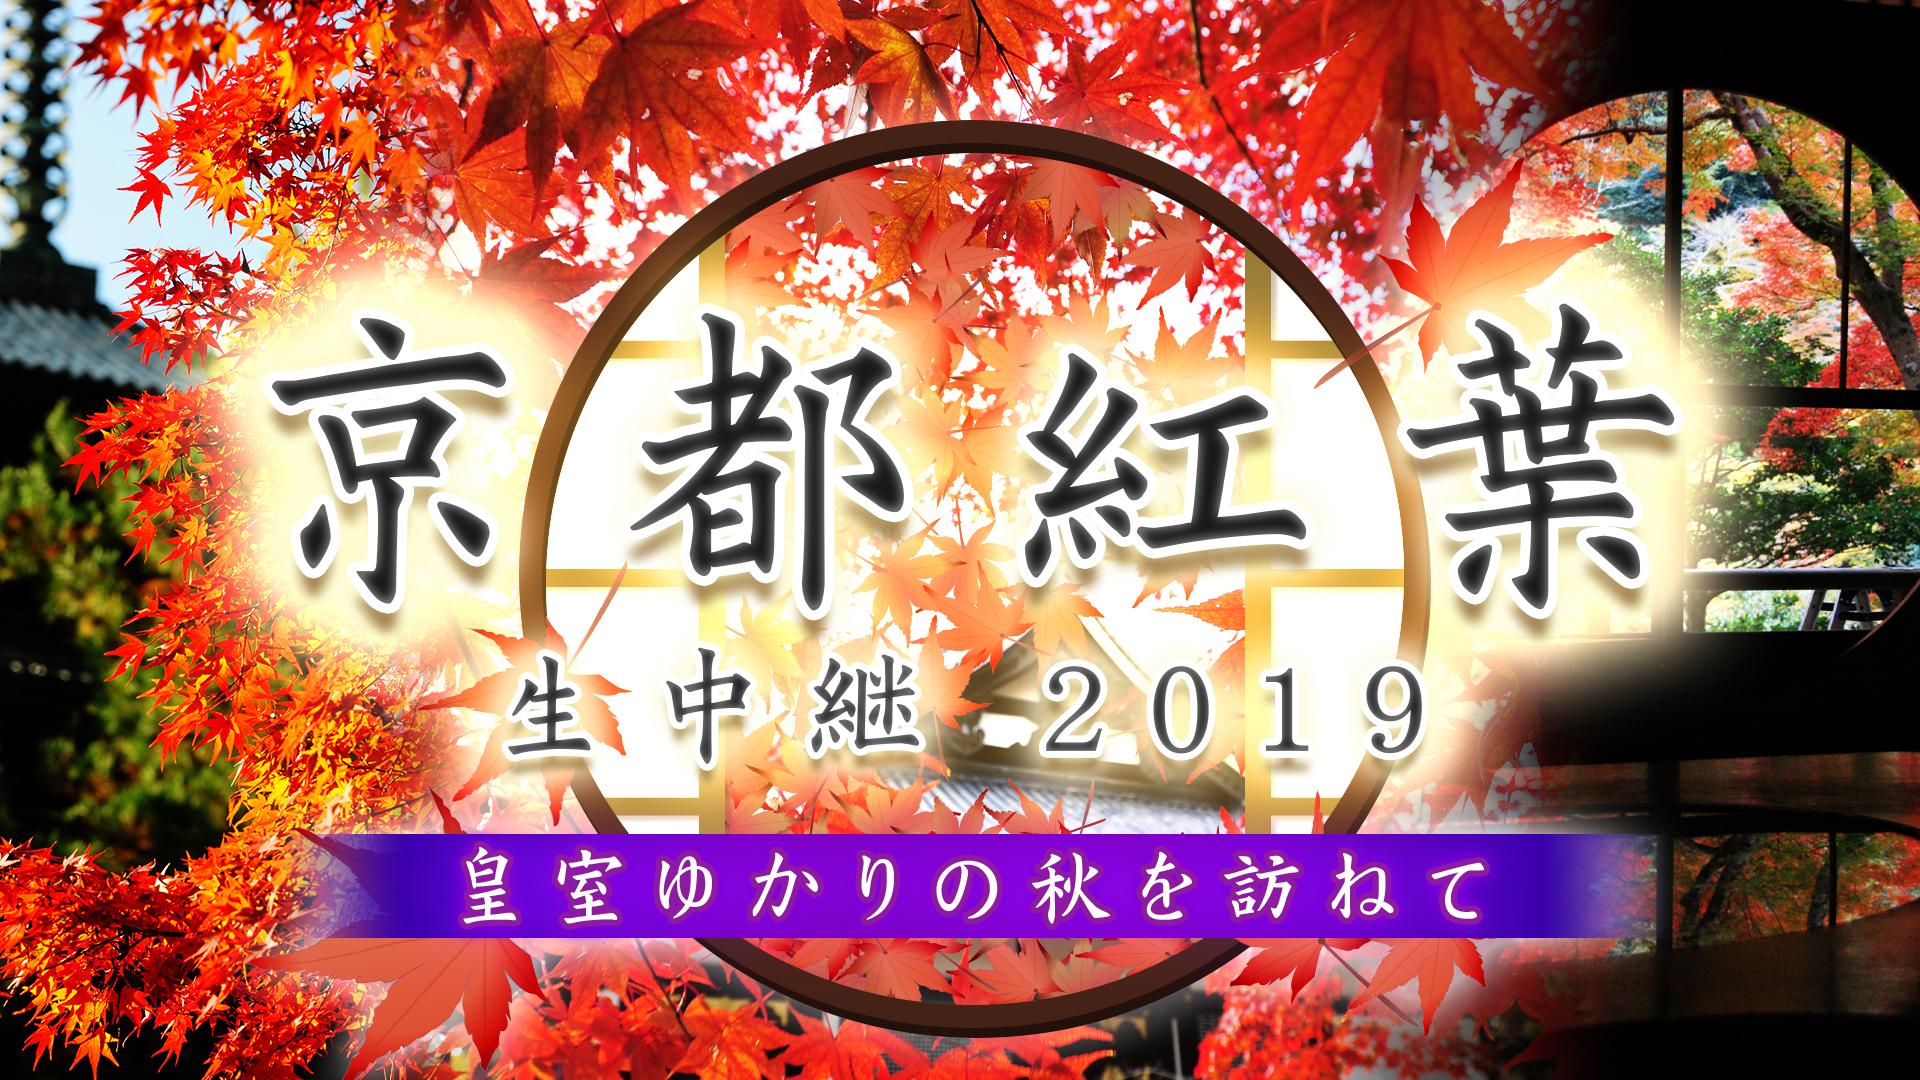 京都紅葉生中継2019~皇室ゆかりの秋を訪ねて~